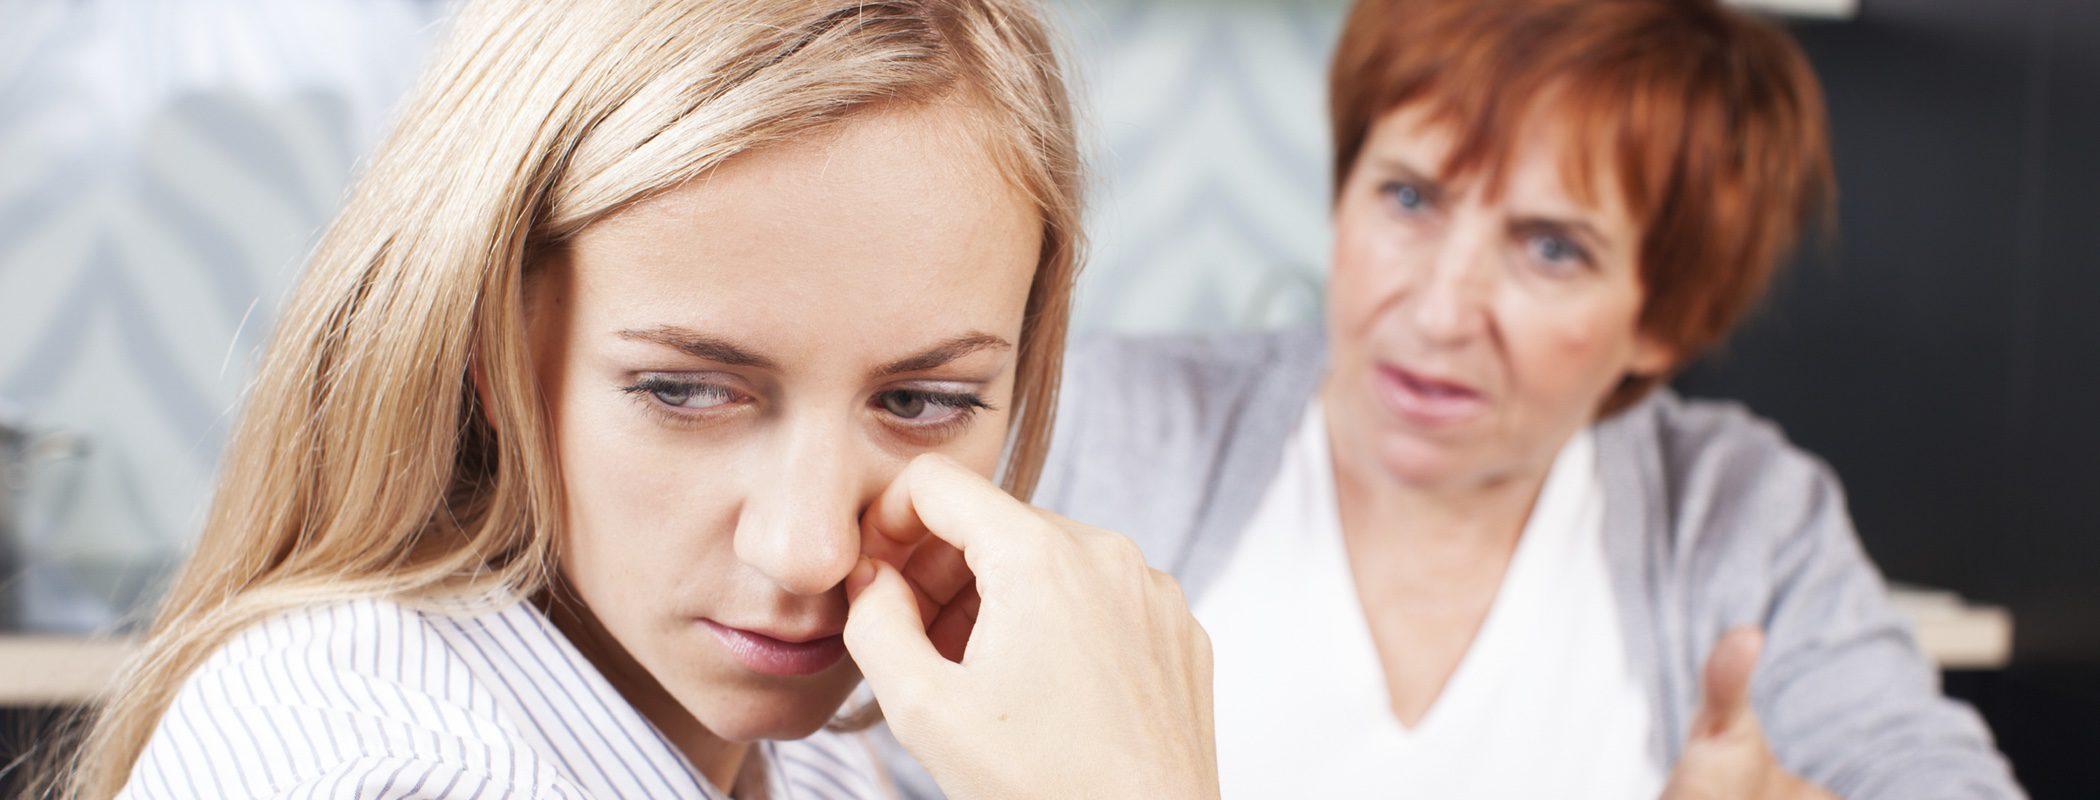 No soporto a mi suegra, ¿qué puedo hacer?